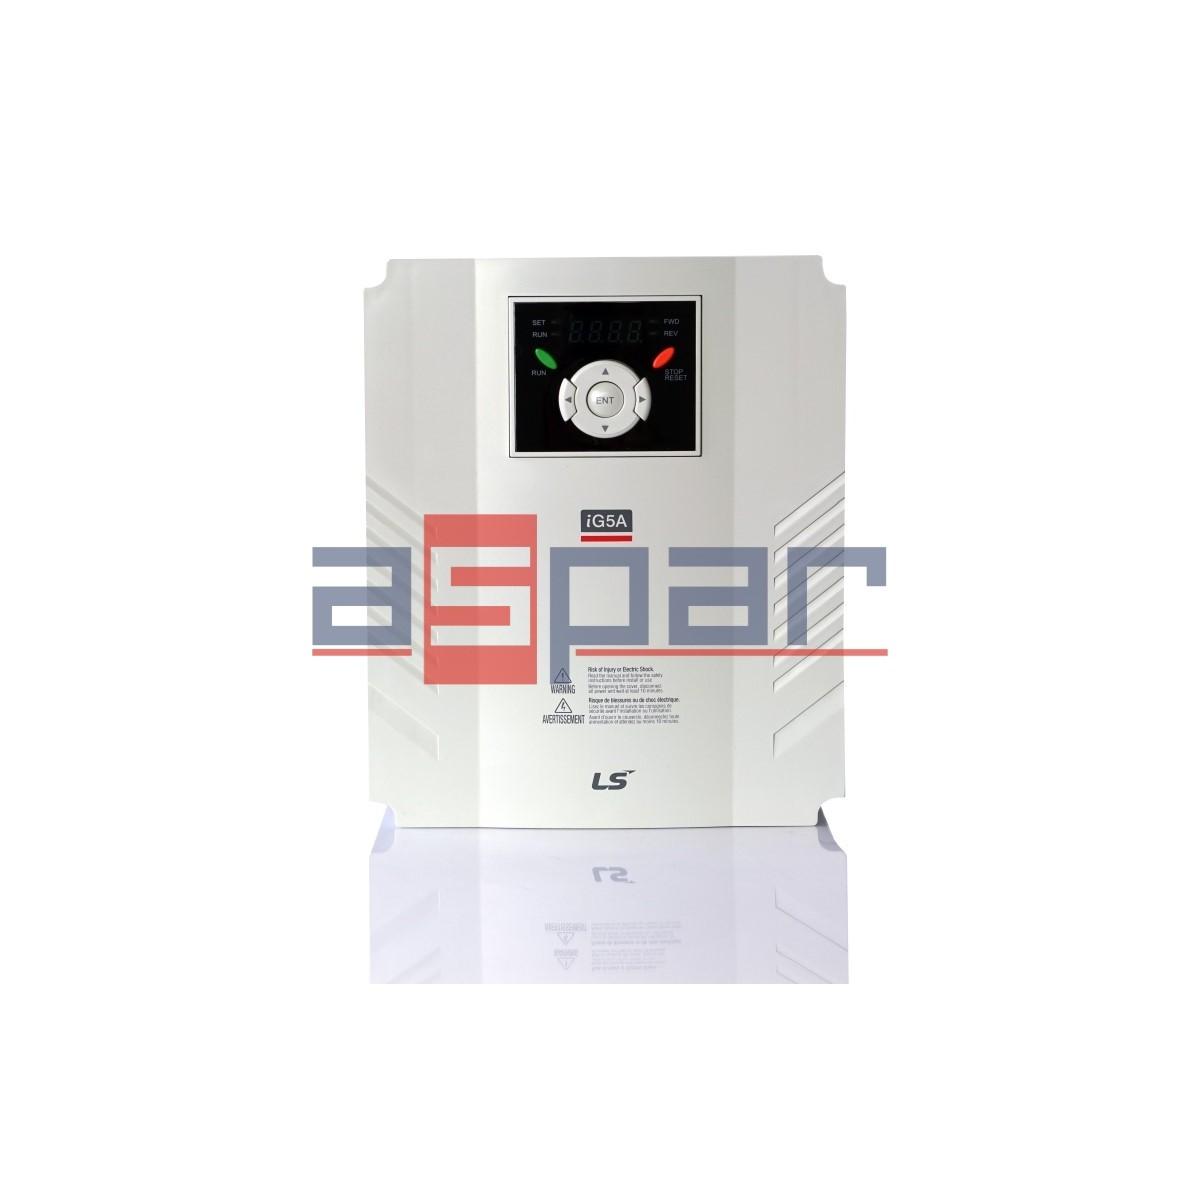 SV075iG5A-4 7,5kW